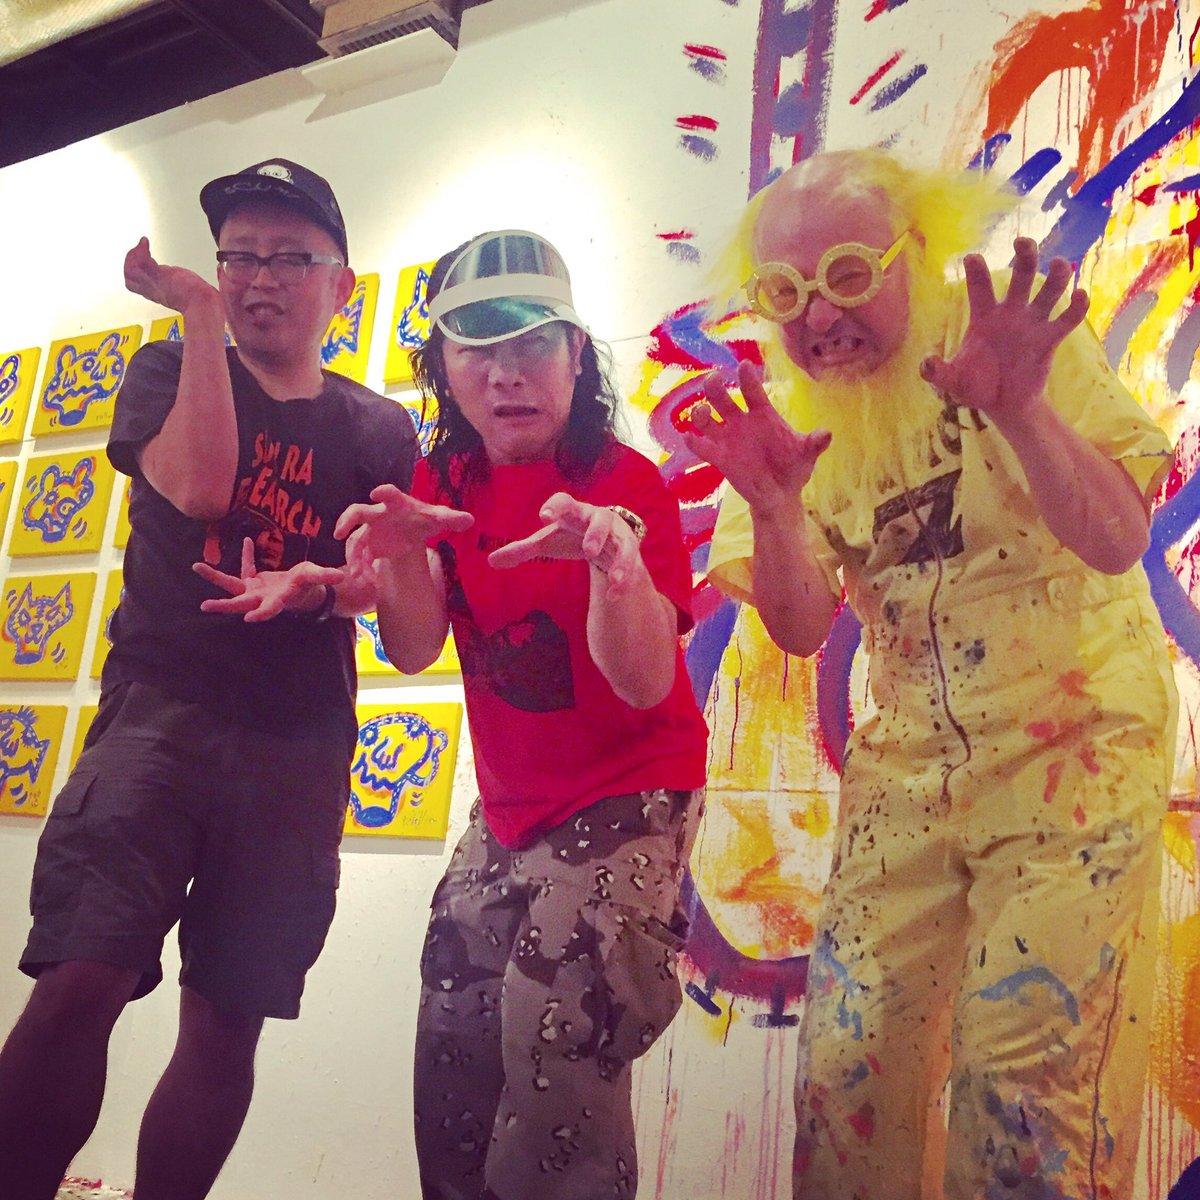 世界3大ロックスターが東京に集結!!! 次は世界ツアーでお会いしましょう!!! we are most handsome rockstars in this planet!!! @okiteporsche  @sugi_mu https://t.co/5RHtE2blQU